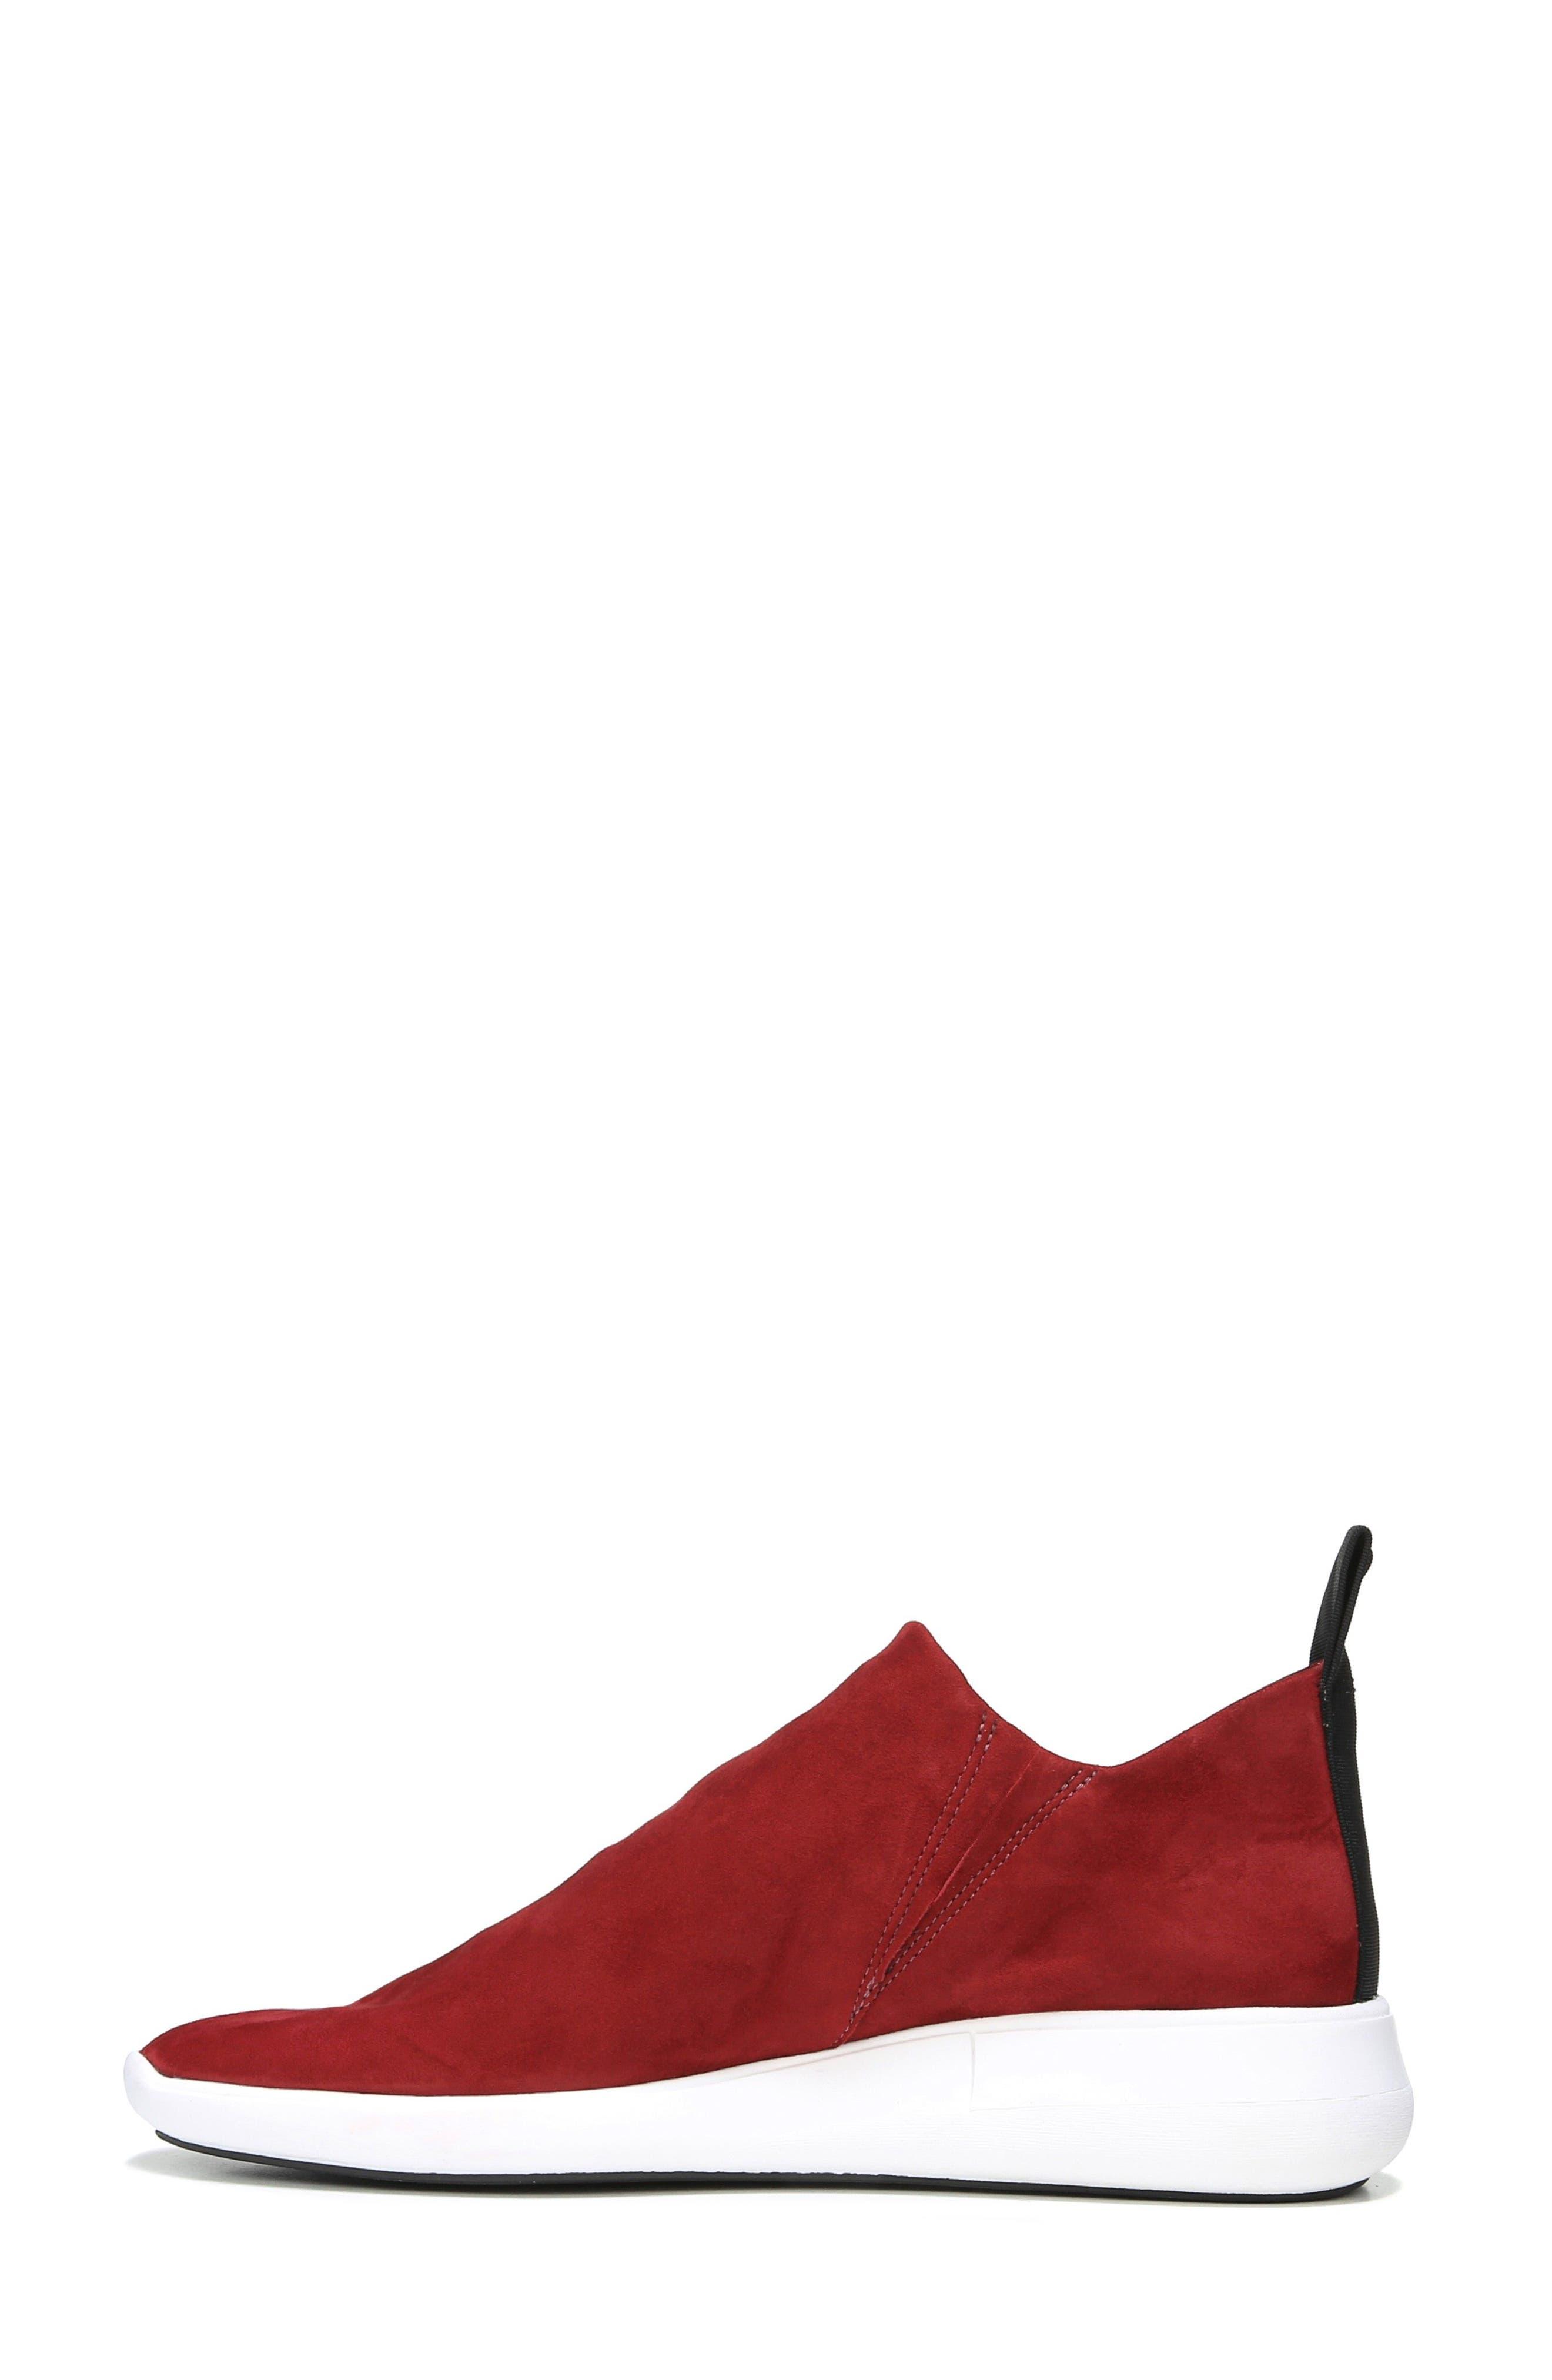 Marlow Slip-On Sneaker,                             Alternate thumbnail 9, color,